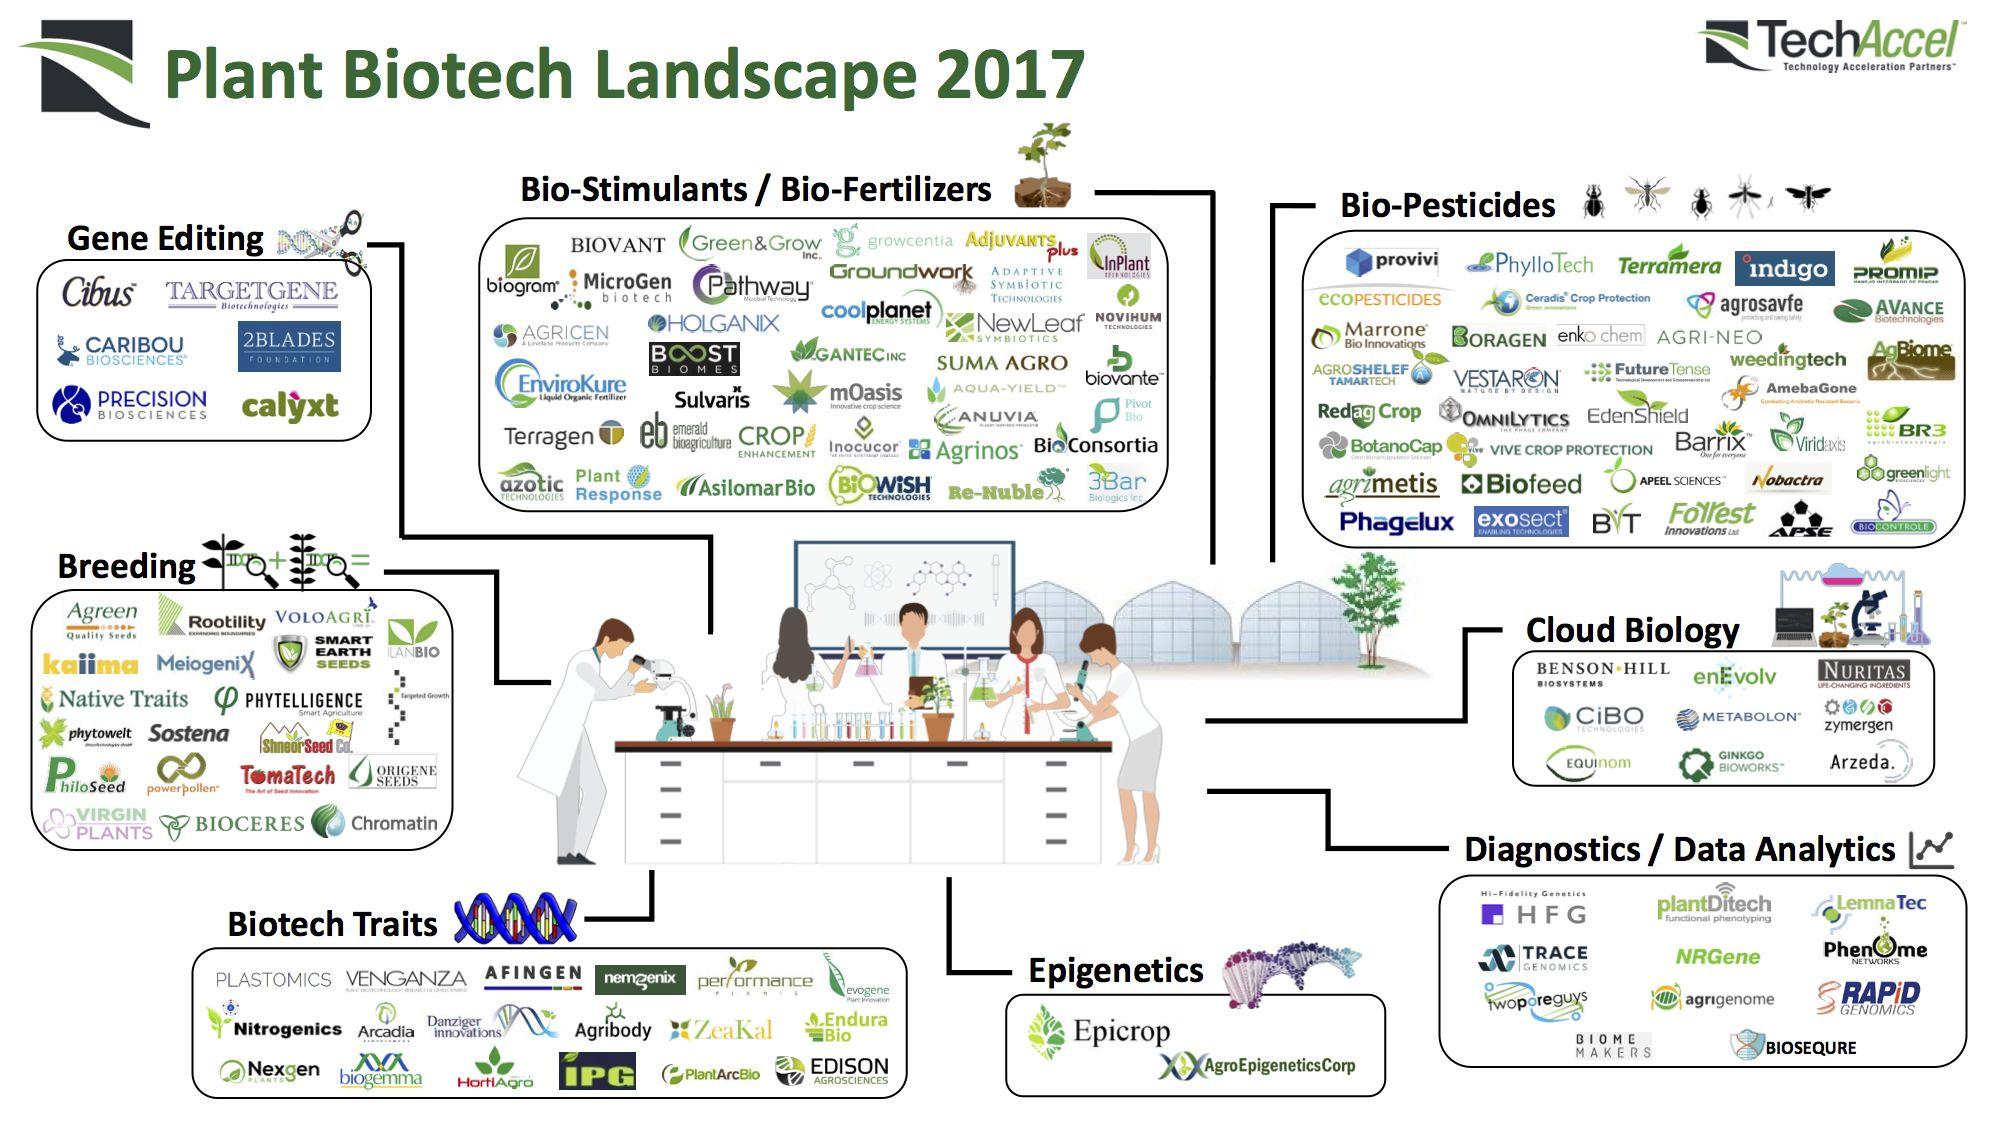 https://i2.wp.com/agfundernews.com/wp-content/uploads/2017/11/171116-TechAccel-Ag-Biotech-Landscape-PLANT.jpg